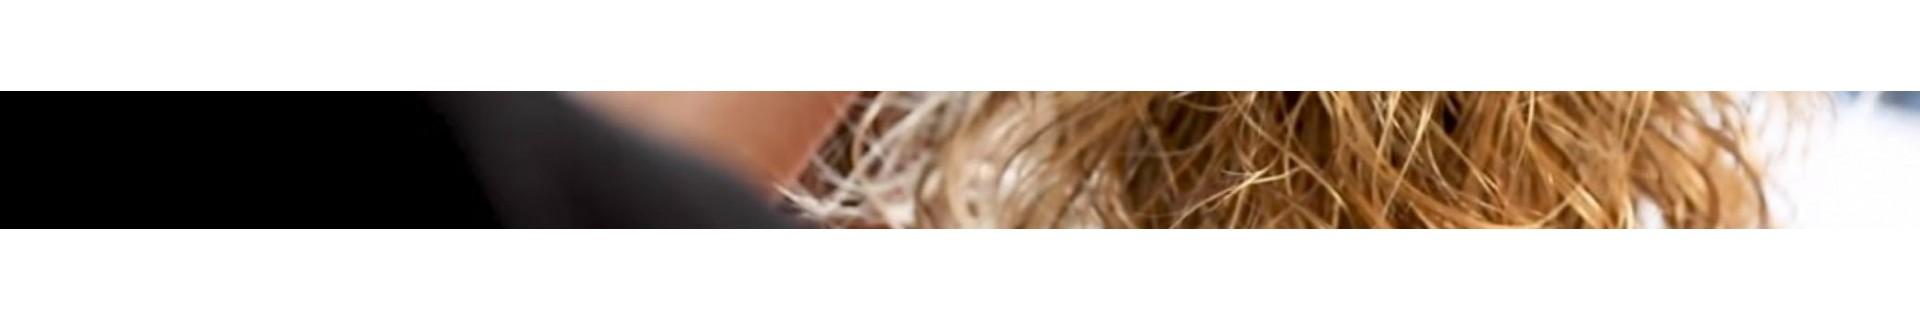 Pelucas oncologicas de cabello sintético